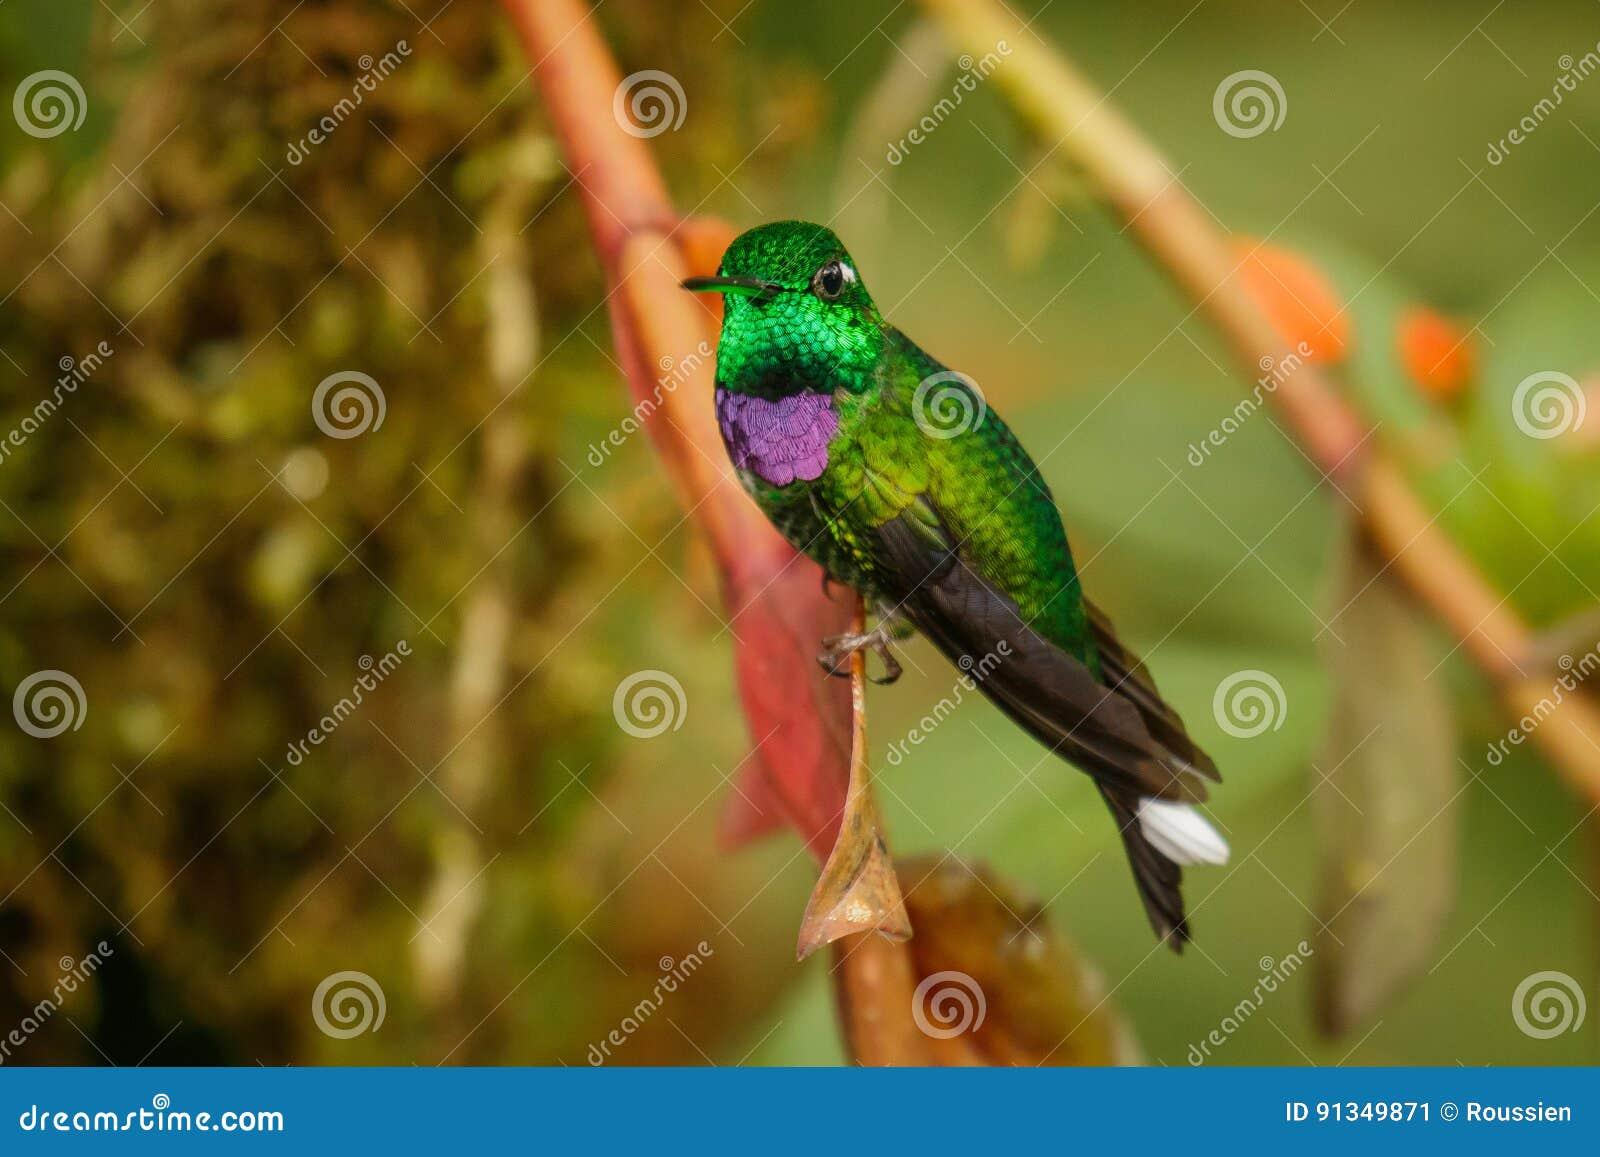 En av de mest härliga kolibrierna, Lila-bibbed Whitetip